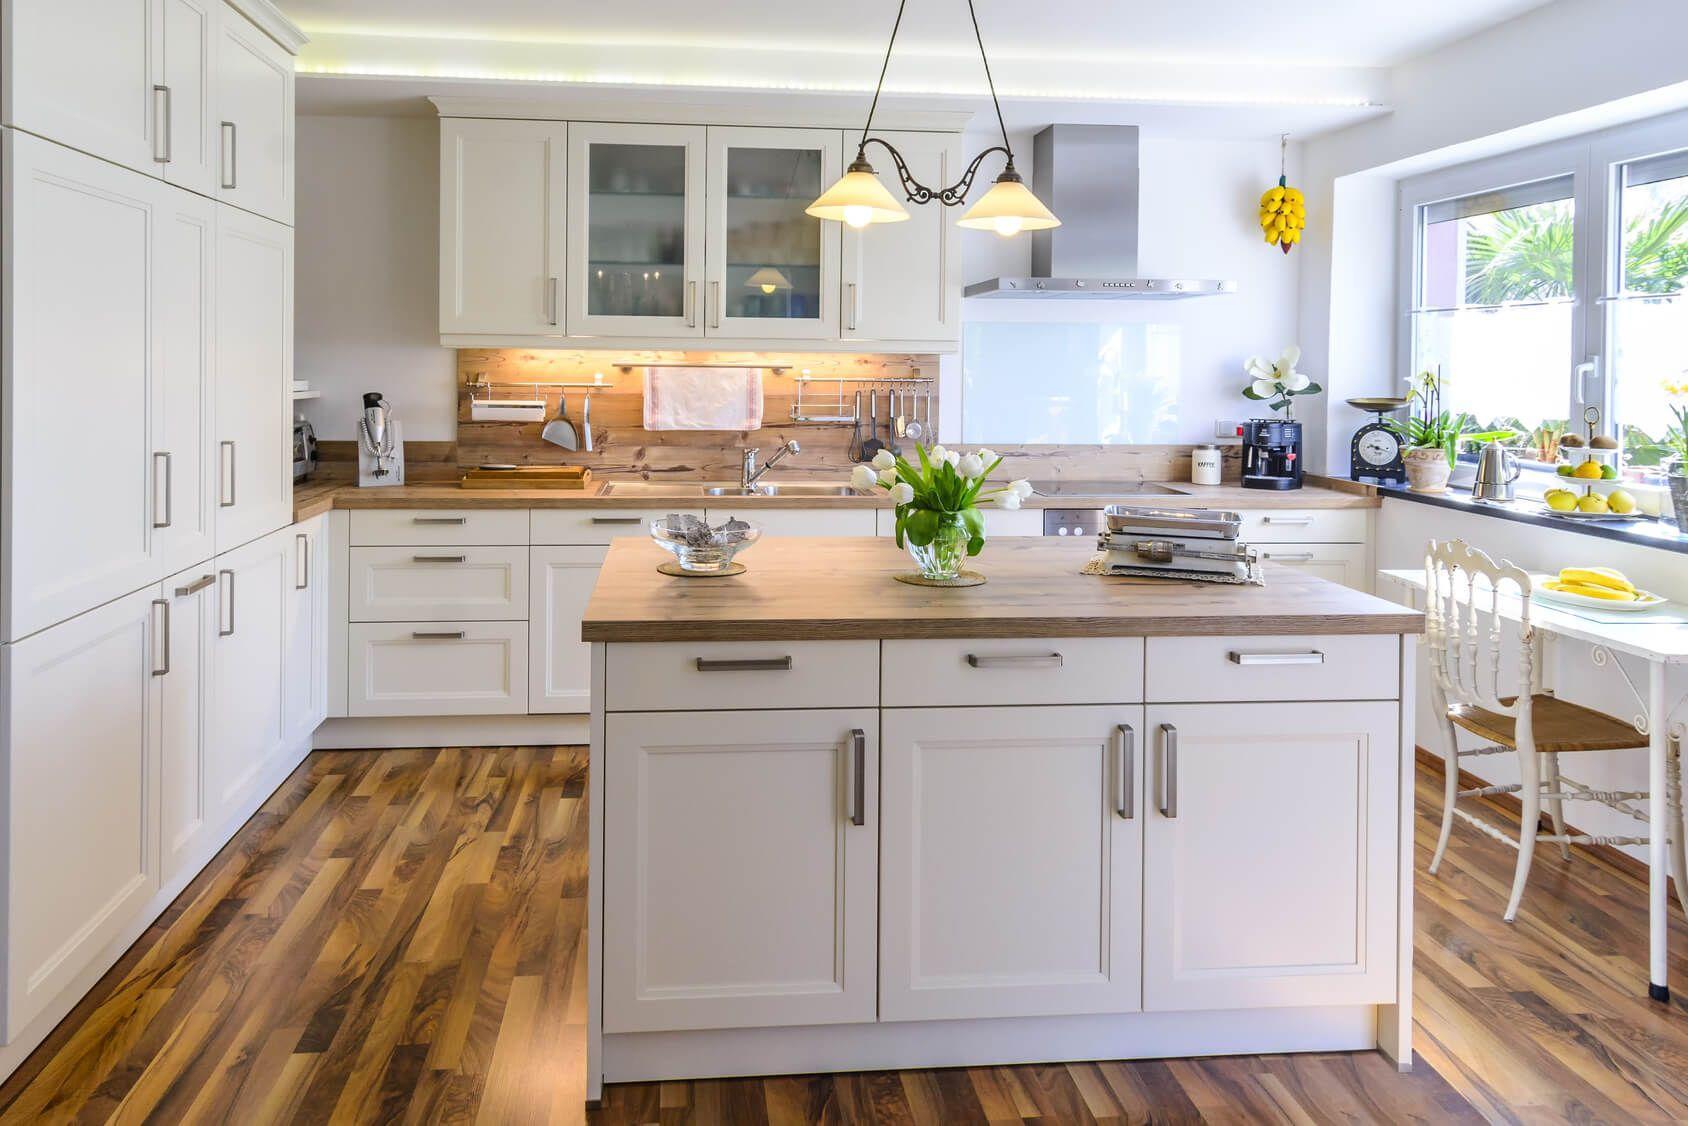 Plan de travail de cuisine : faites le bon choix ! | Haus ...